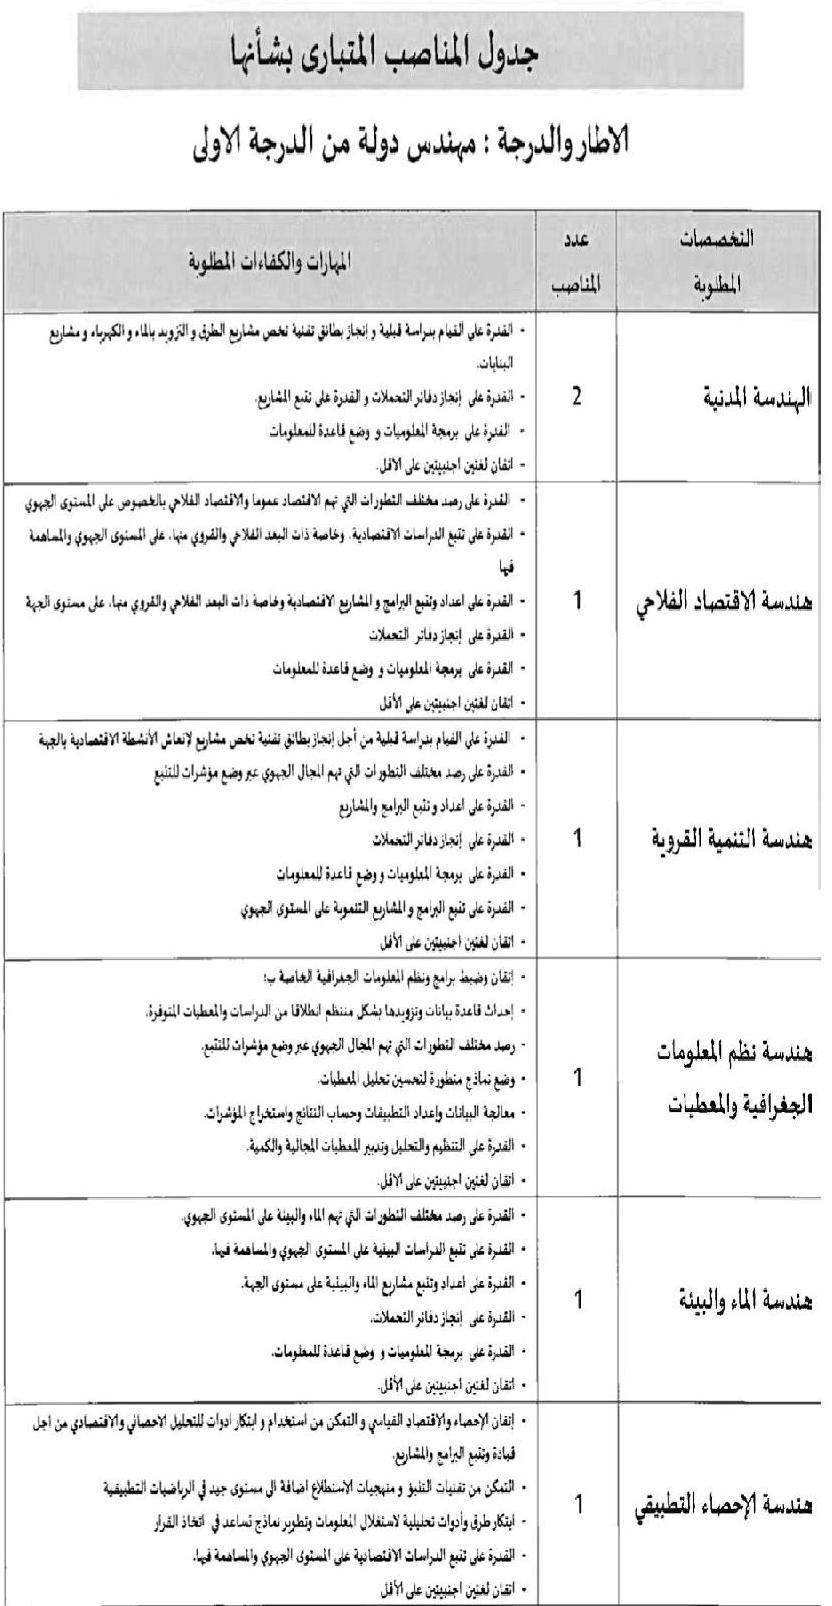 جدول المناصب المتبارى بشأنها: مهندسين من الدرجة الأولى